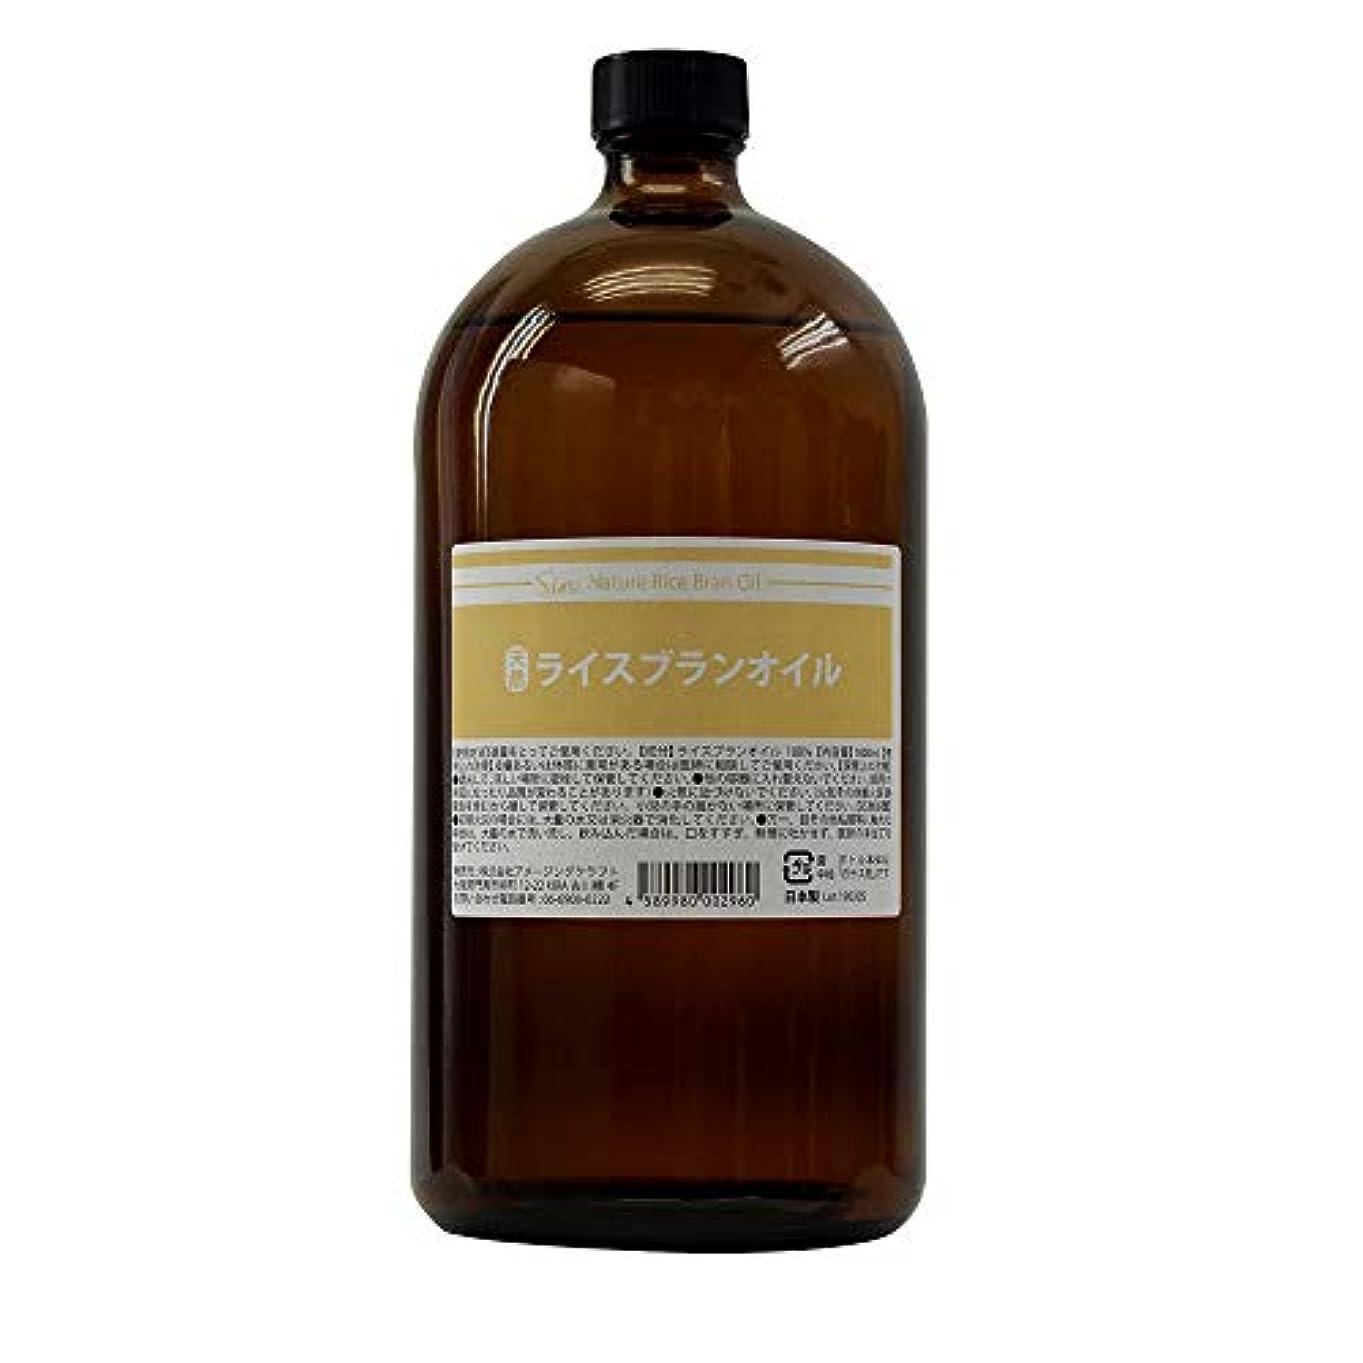 費やすレッスン性能天然無添加 国内精製 ライスブランオイル 1000ml (1L)